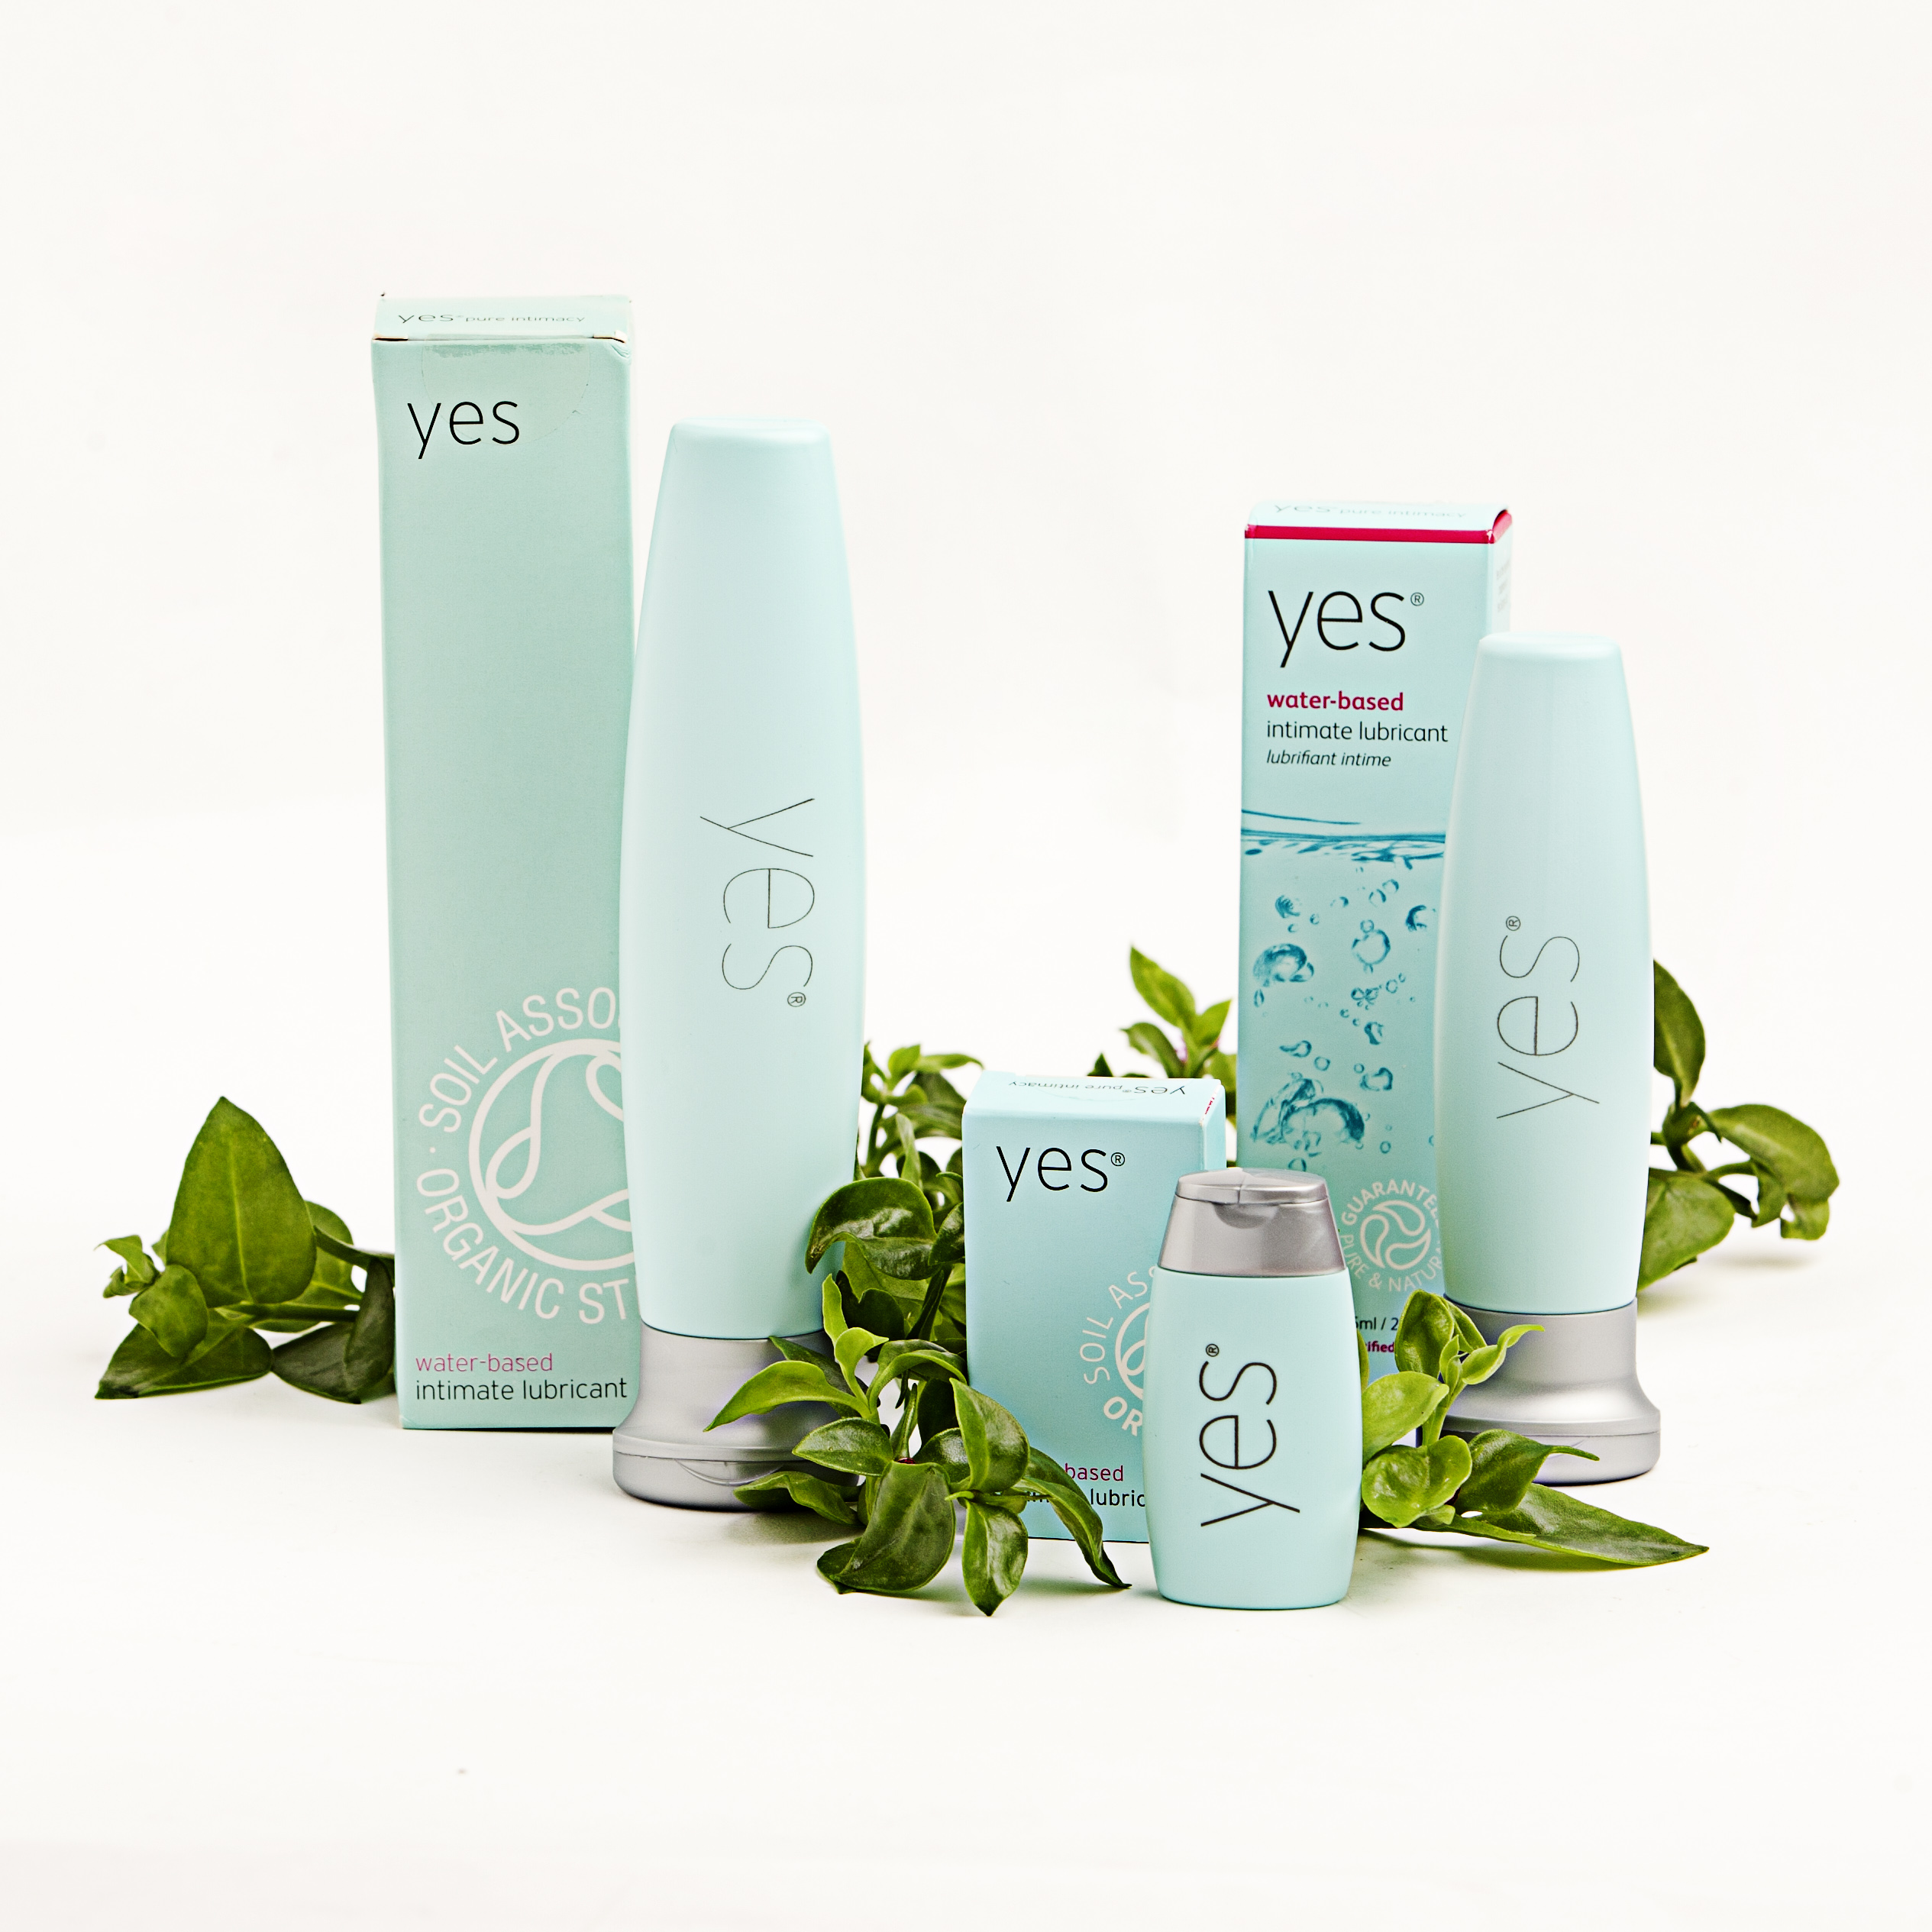 Diferentes tamaños de YES 25 ml, 75 ml, 125 ml, lubricante ecológico y vegano